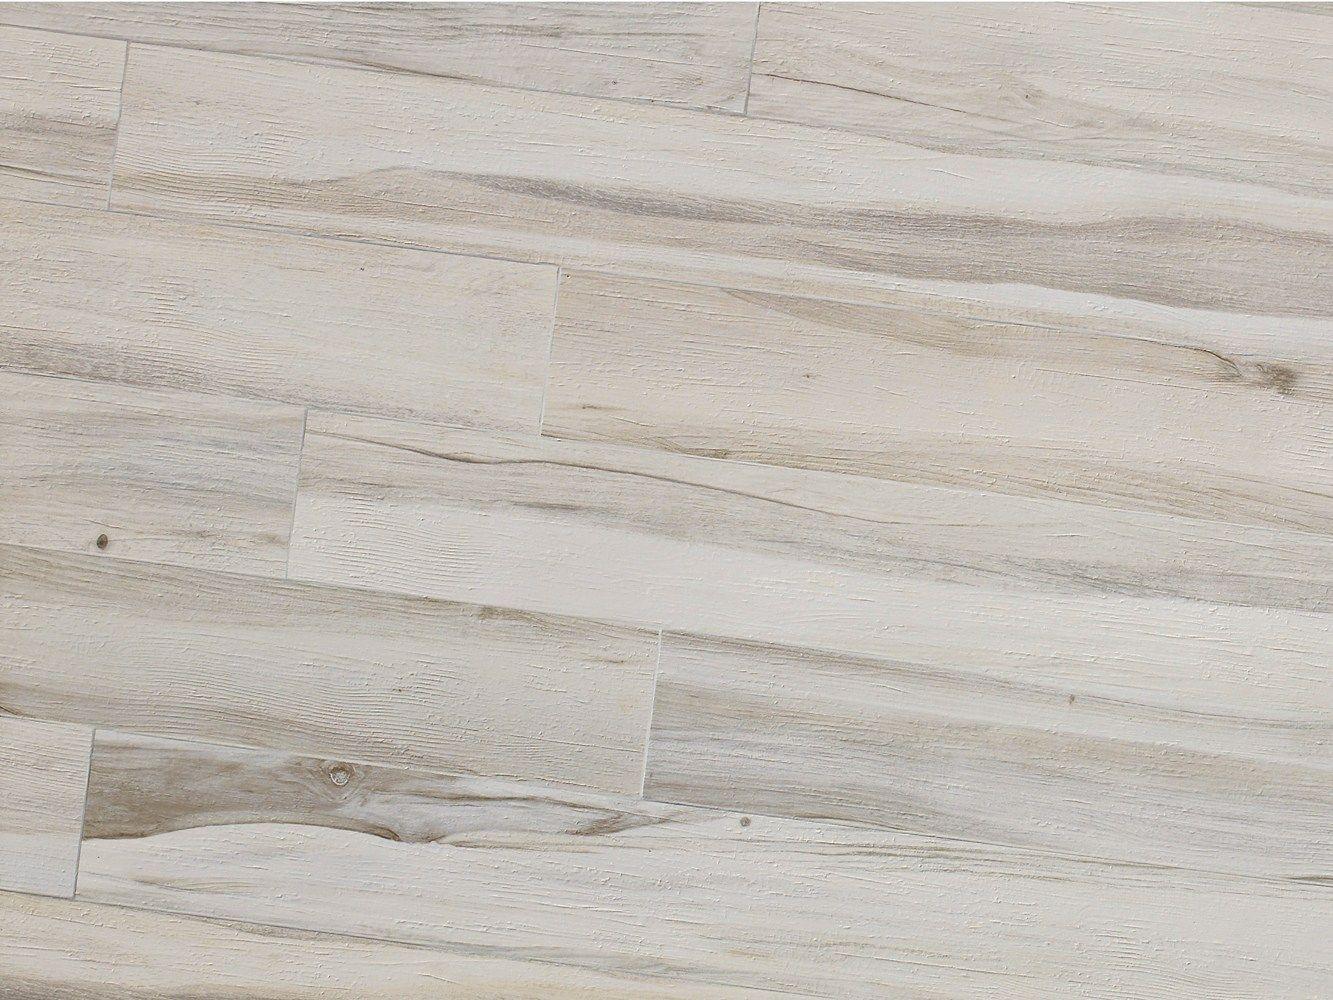 Pavimenti Effetto Legno Bianco : Pavimento in gres porcellanato effetto legno maxiwood rovere